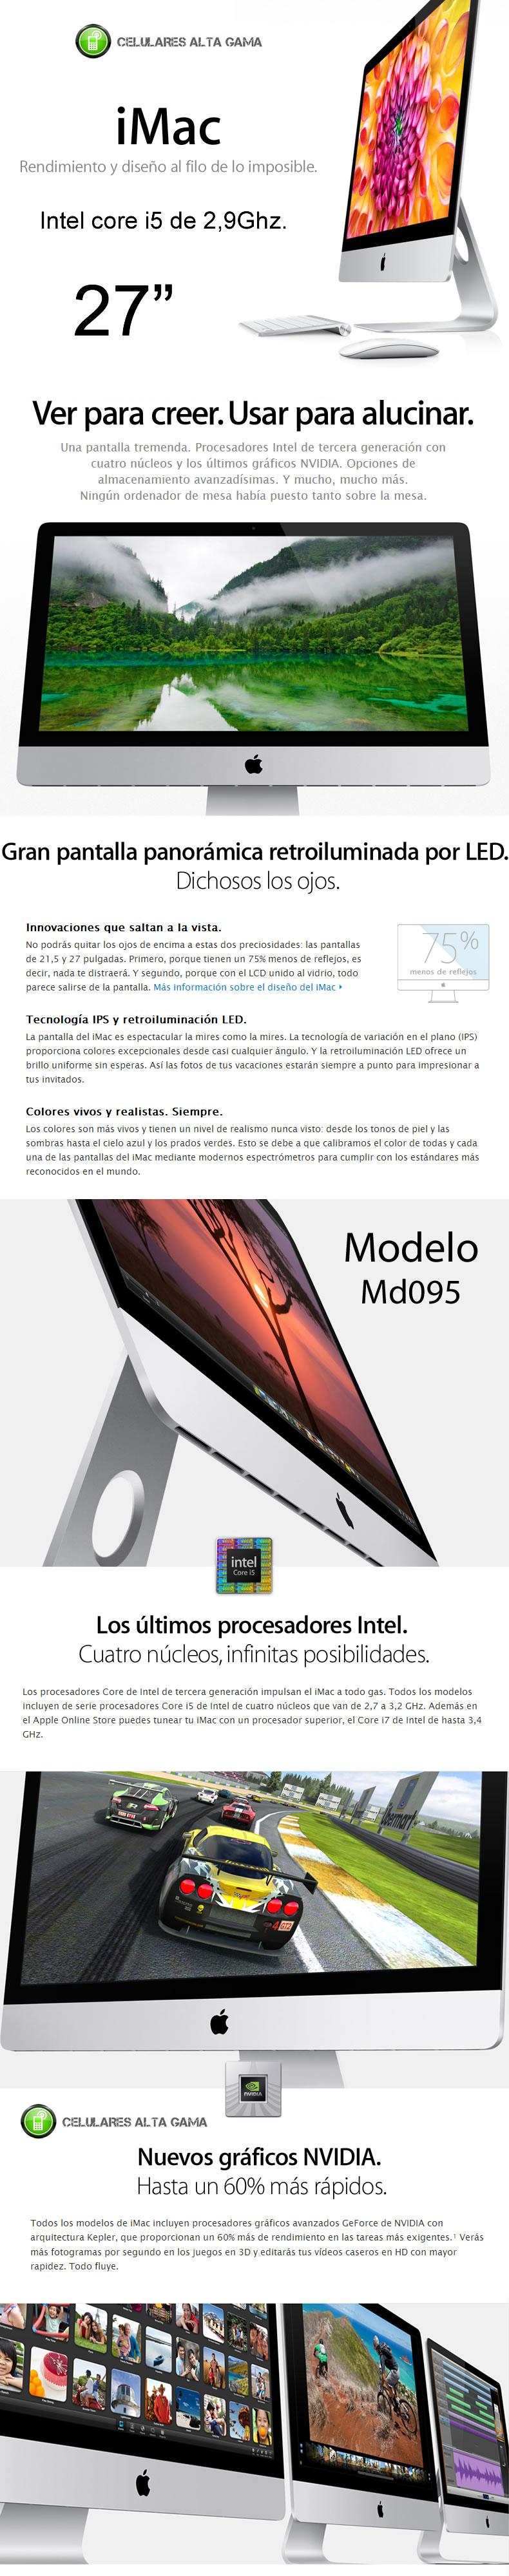 """Comprar nueva imac md095 con 27"""" / venta imac md095 en argentina"""